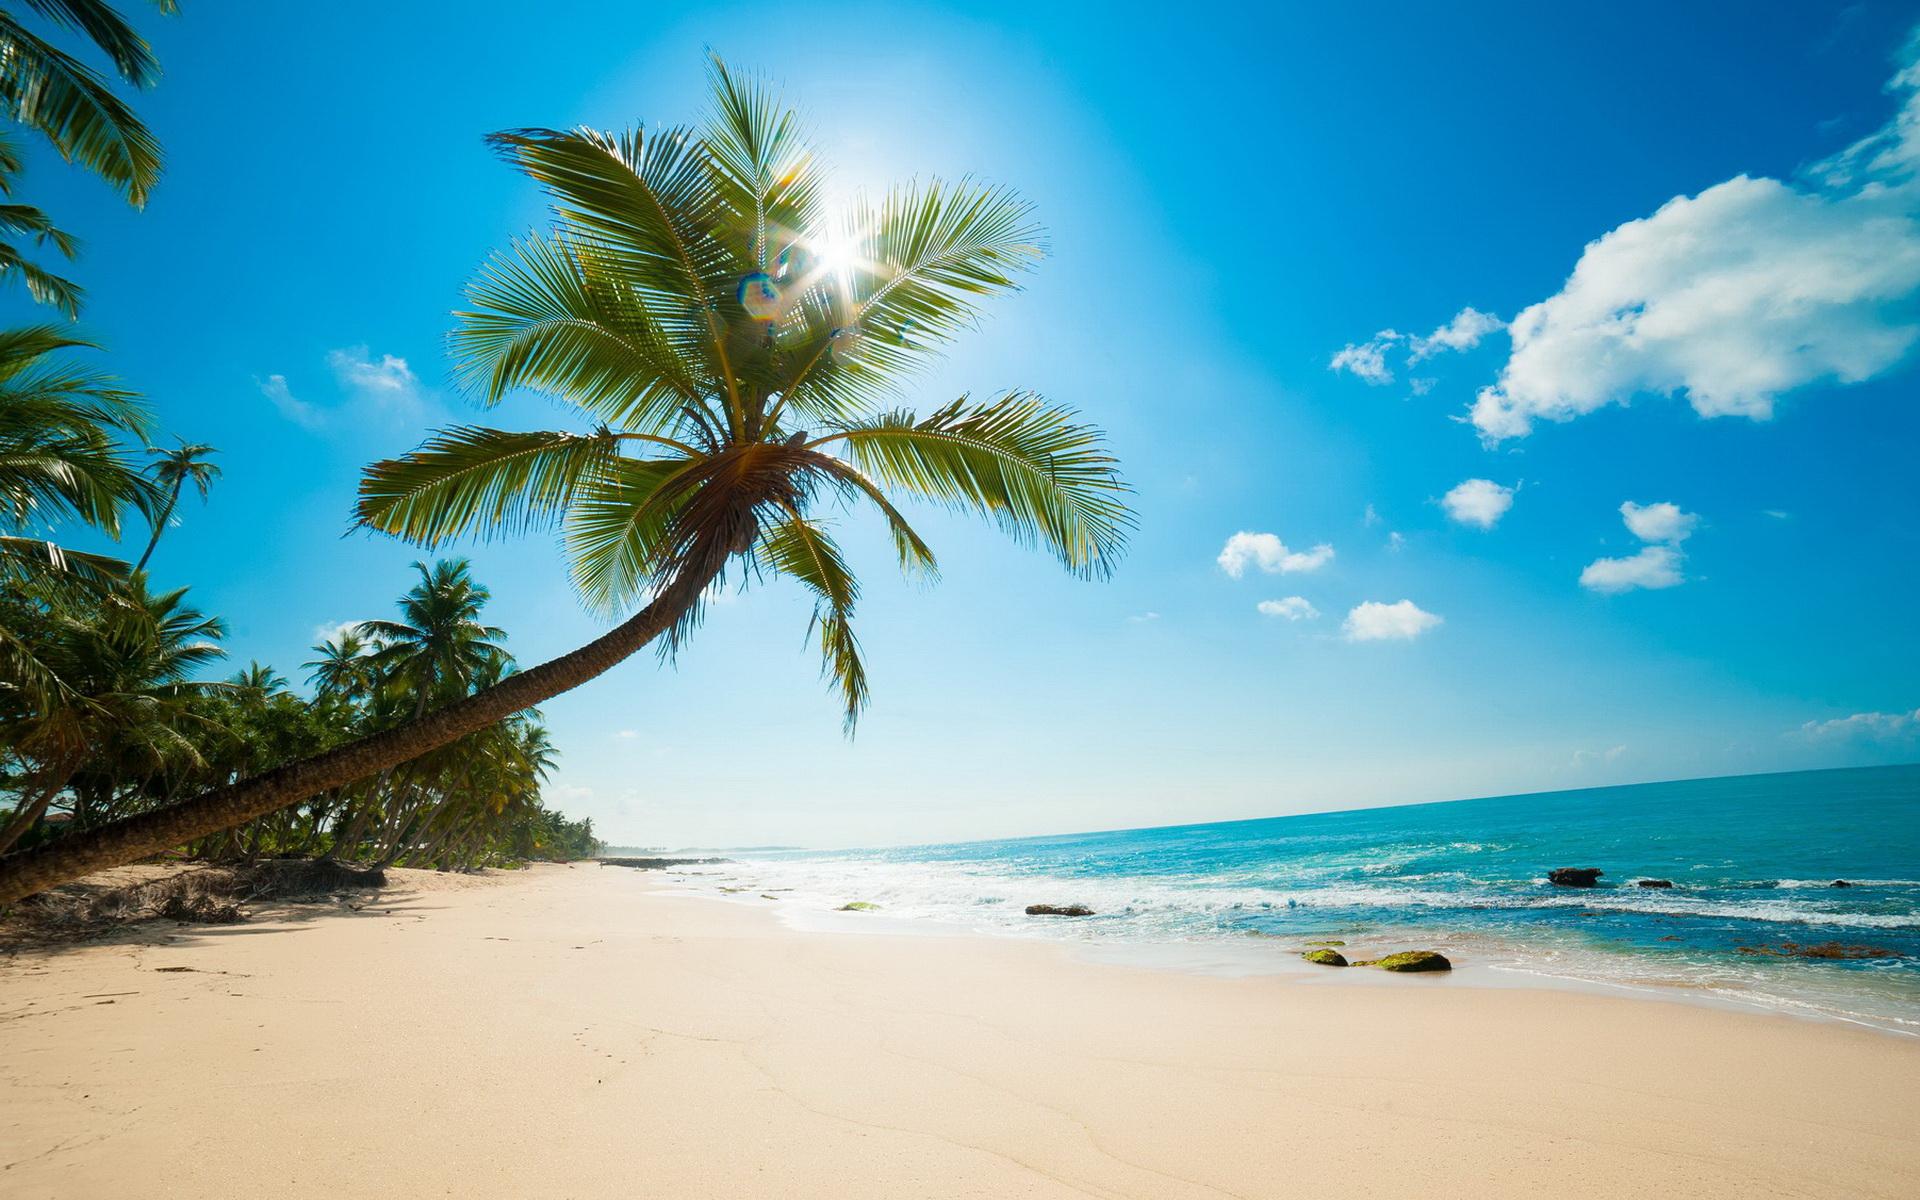 摄影风景-热带海滩02(1920x1200) 壁纸-桌面壁纸海边风景图片